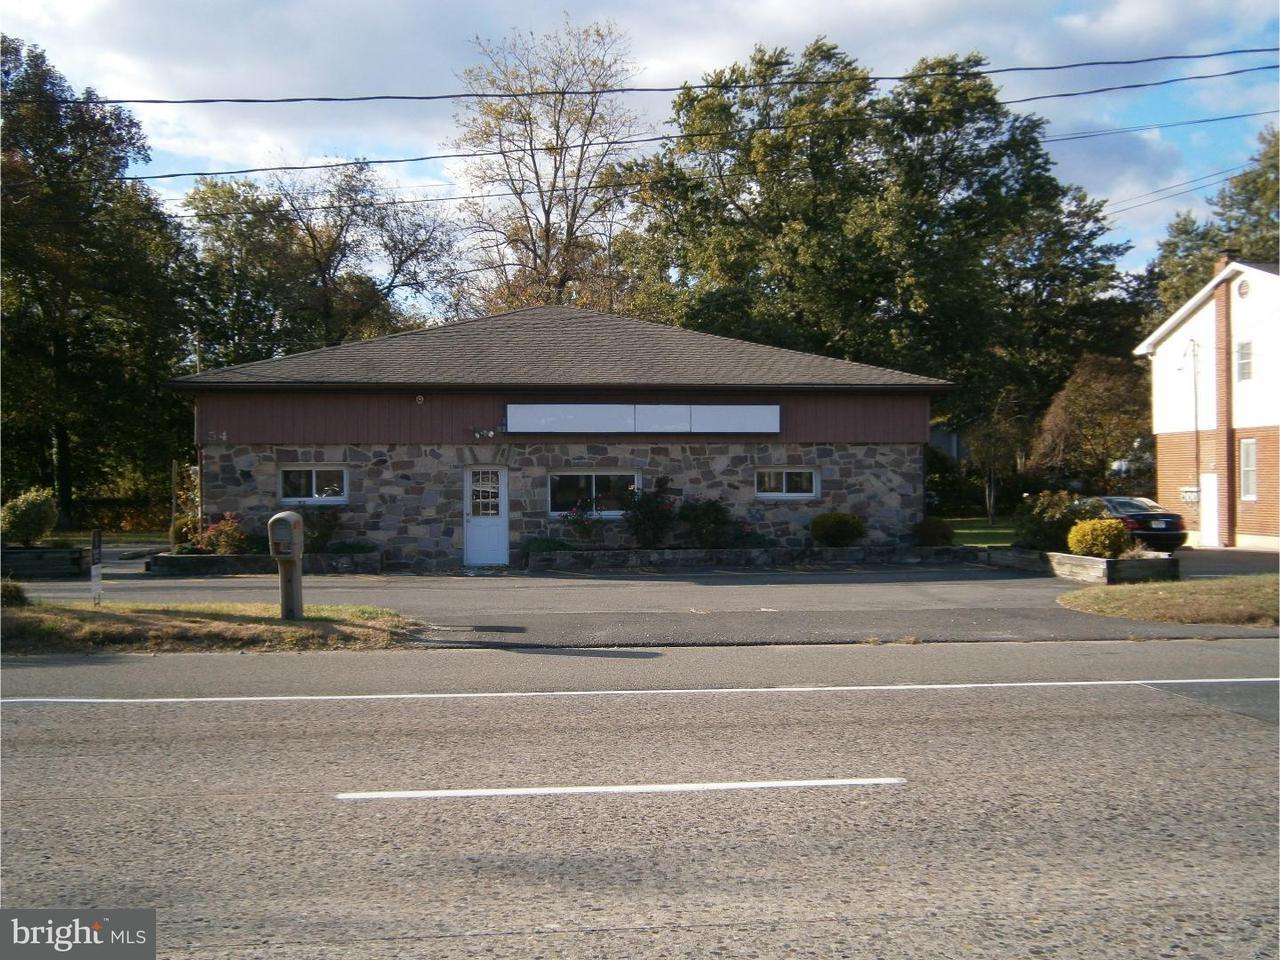 단독 가정 주택 용 매매 에 54 ROUTE 130 Bordentown, 뉴저지 08620 미국